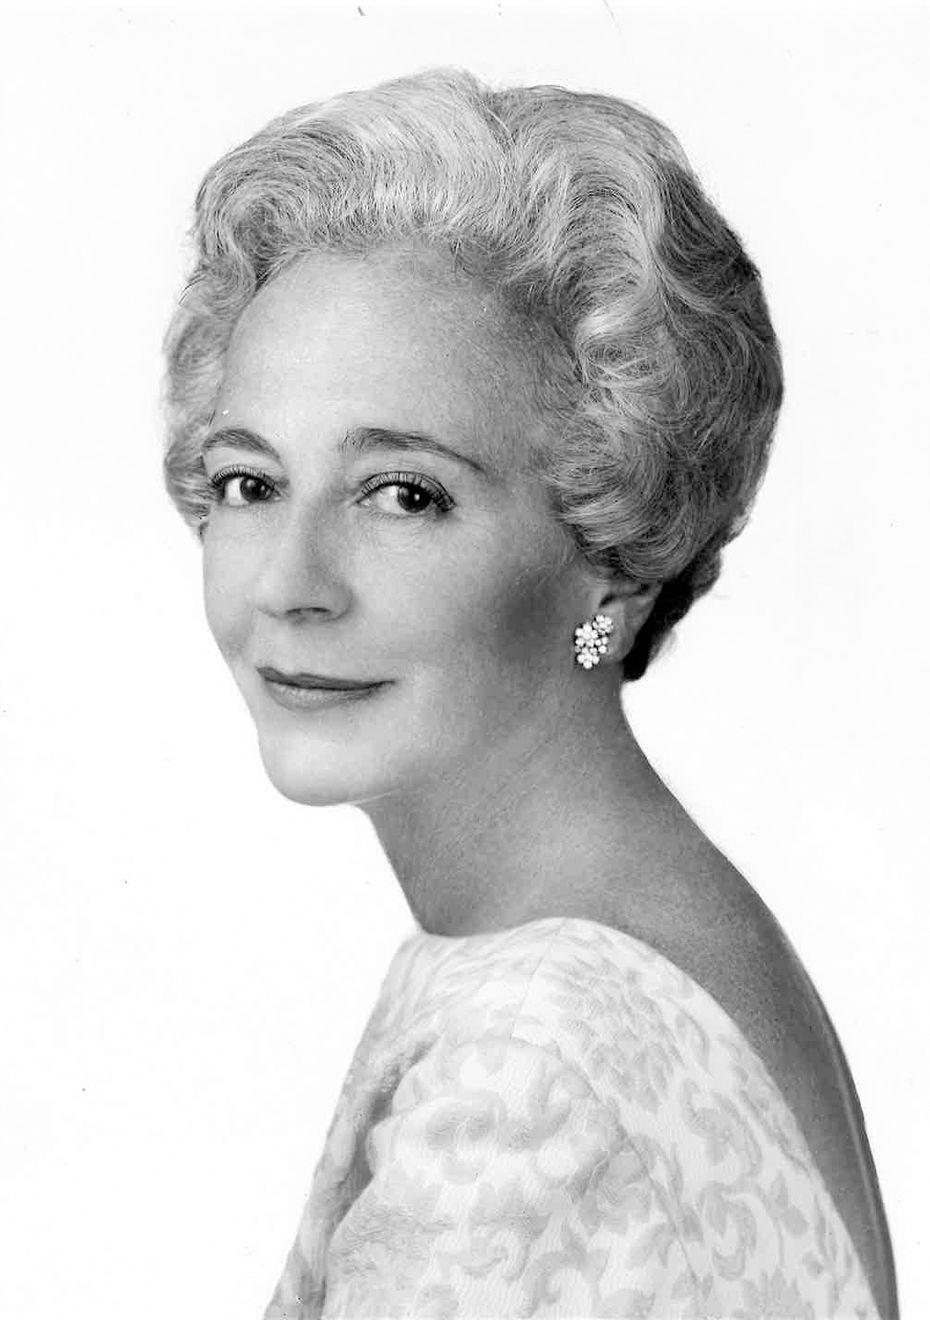 Margaret McDermott, civic leader